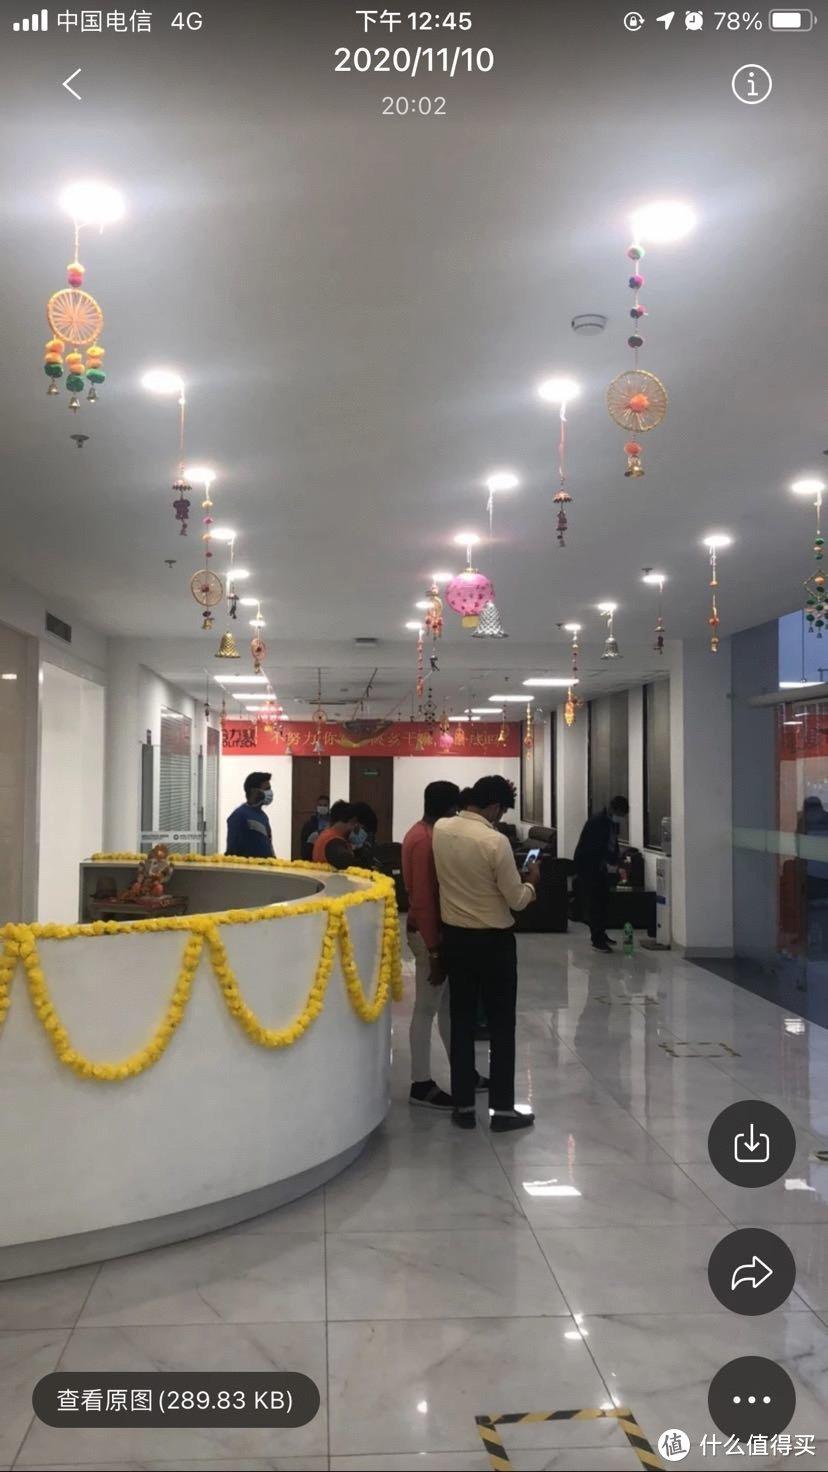 印度的新年,印度同事在准备过年